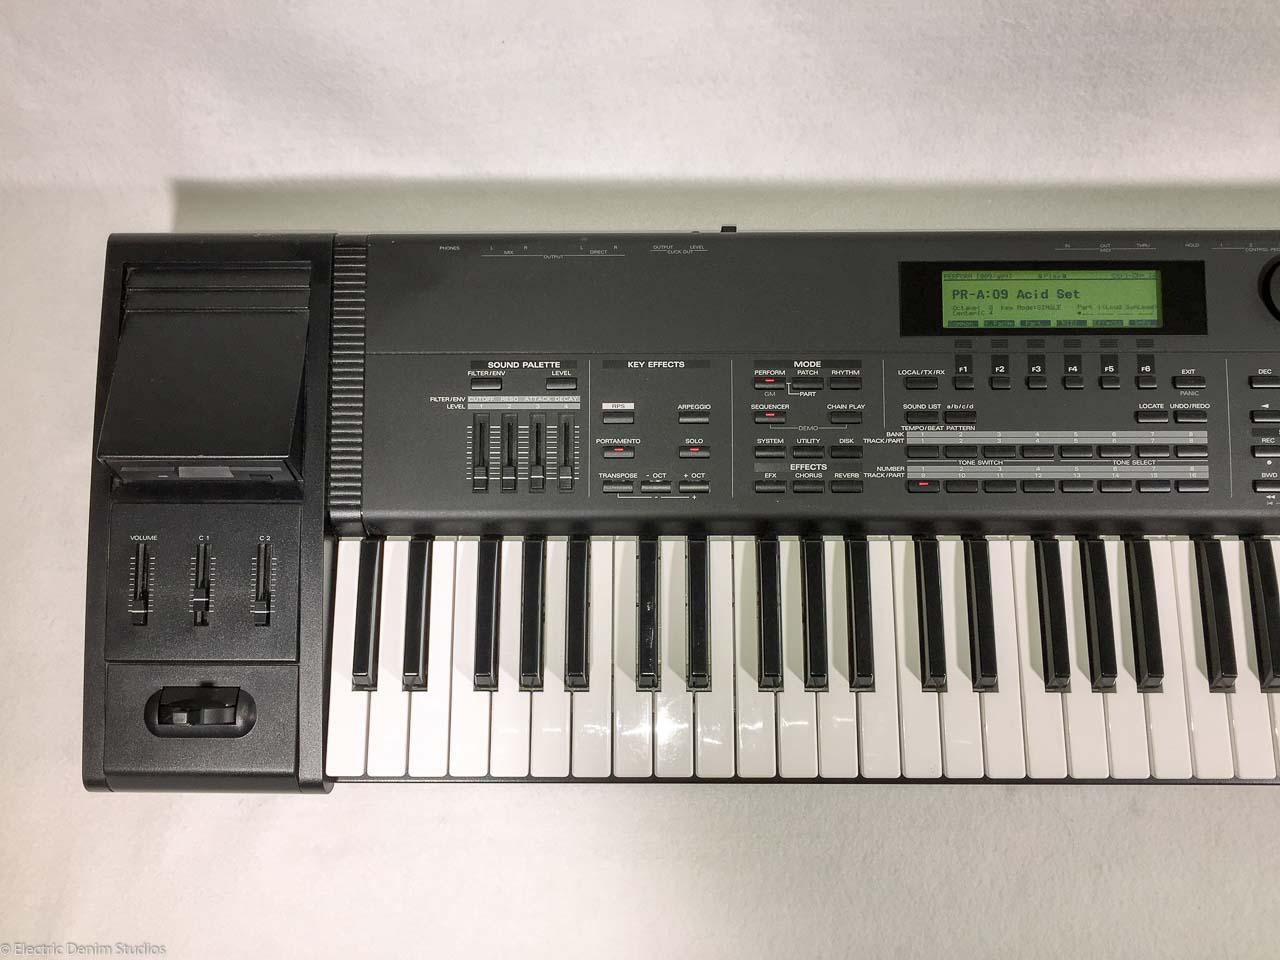 Best Keyboard Workstation Ever : roland xp 60 keyboard 61 key music workstation ~ Russianpoet.info Haus und Dekorationen